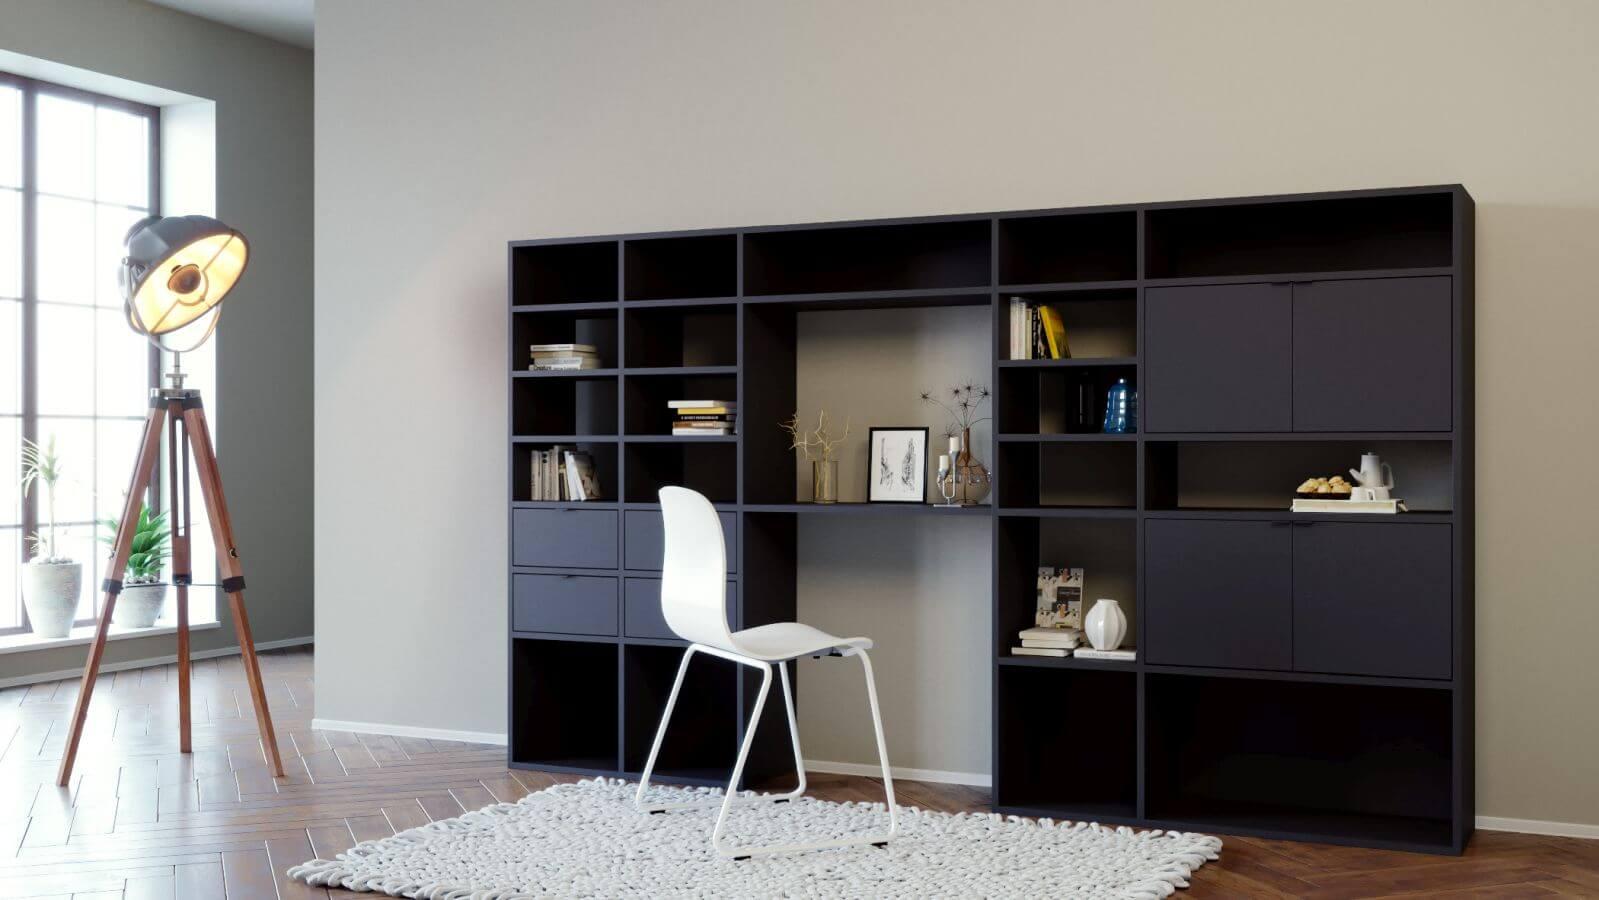 Schwarze wohnwand selbst designen wohnw nde bei mycs - Schwarze wohnwand ...